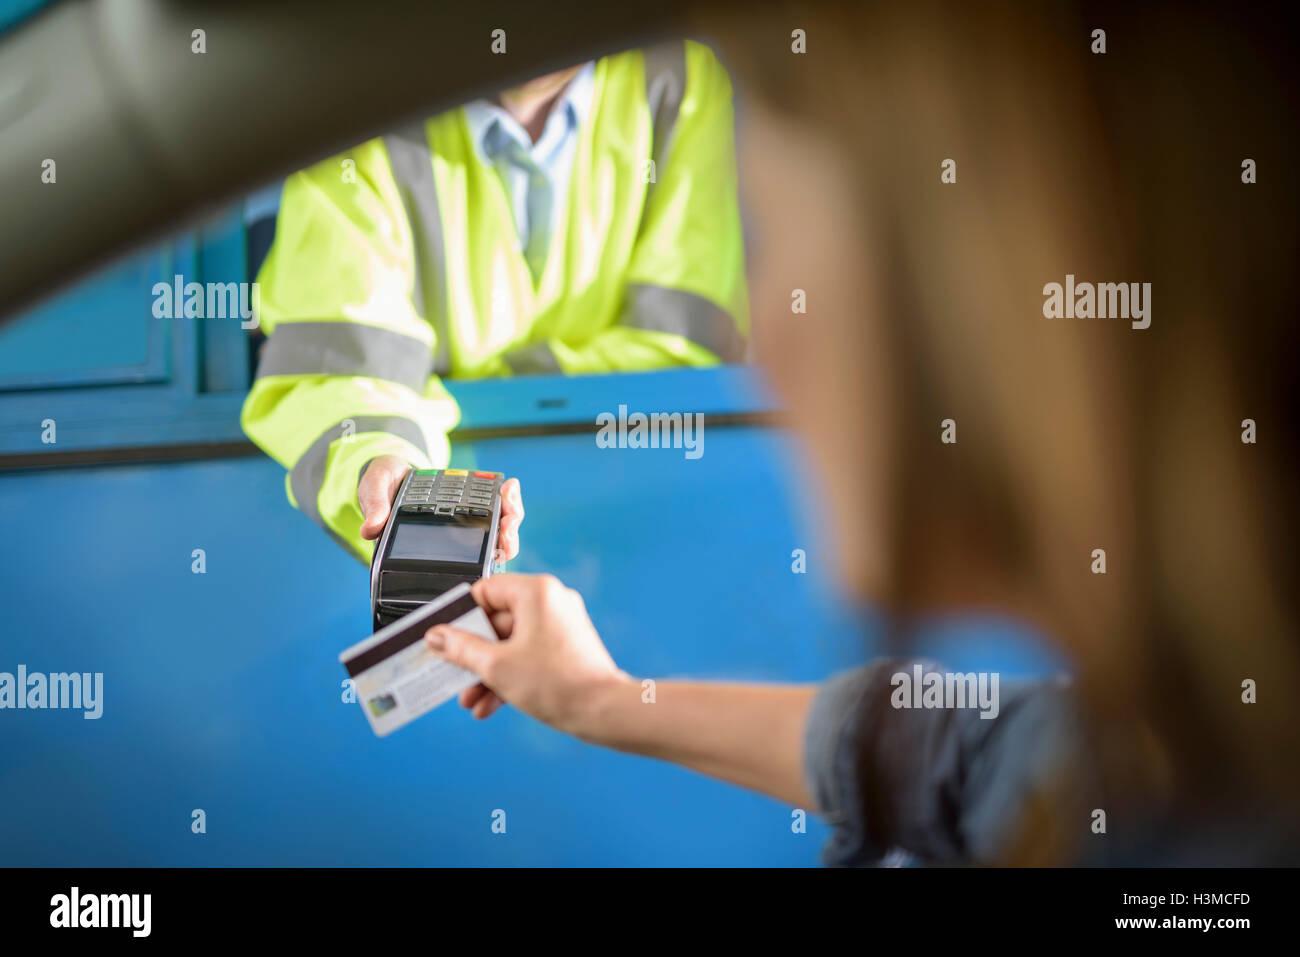 Conductor en coche pagando peaje utilizando tecnología de pago con tarjeta sin contacto, cerrar Imagen De Stock